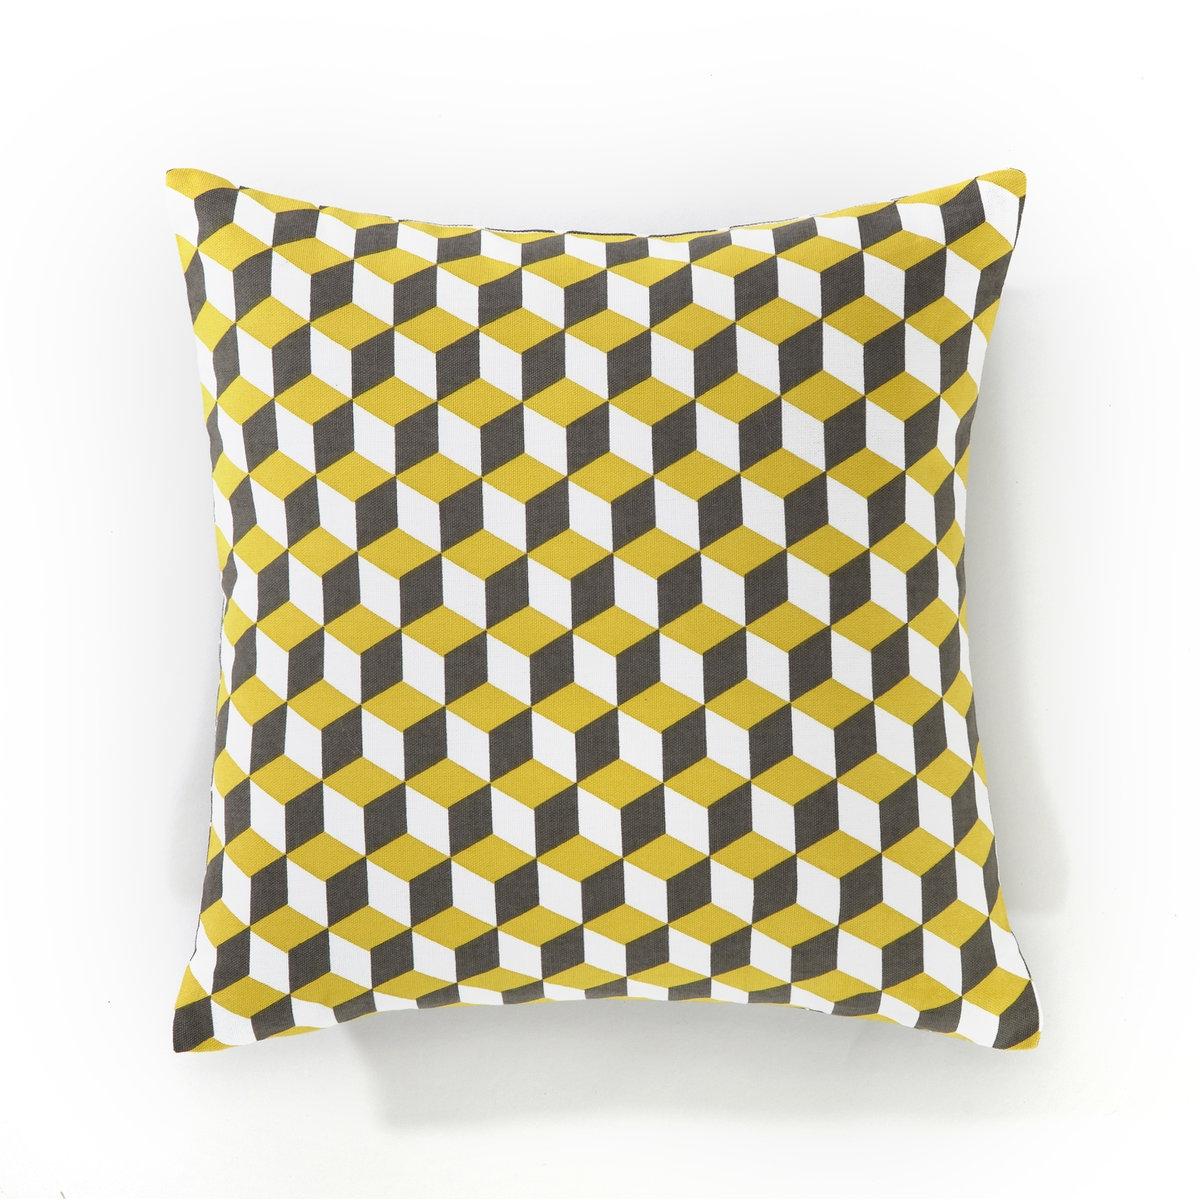 Чехол для подушкиЧехол для подушки Decio. Красивый геометрический рисунок с одной стороны, однотонный белый цвет с другой стороны. Застежка на скрытую молнию в тон. Стирка при 30°. 100% хлопка. Размер: 40 х 40 см.<br><br>Цвет: желтый/серый/белый,коралловый/ серый / белый<br>Размер: 40 x 40  см